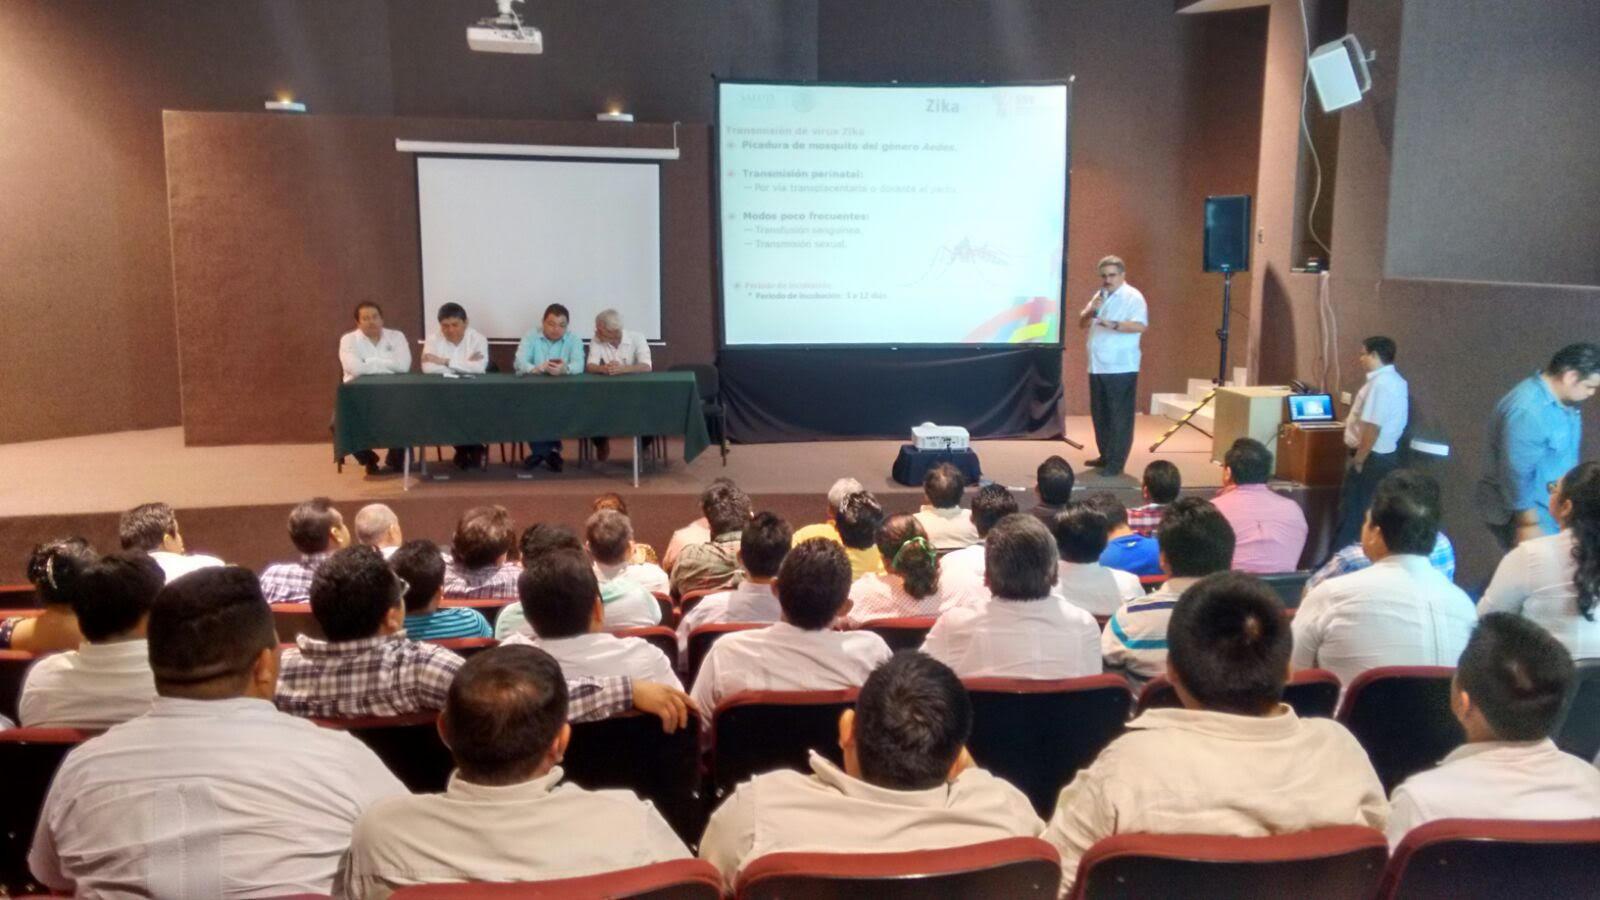 Arma Yucatán plan contra dengue, chikungunya y zika